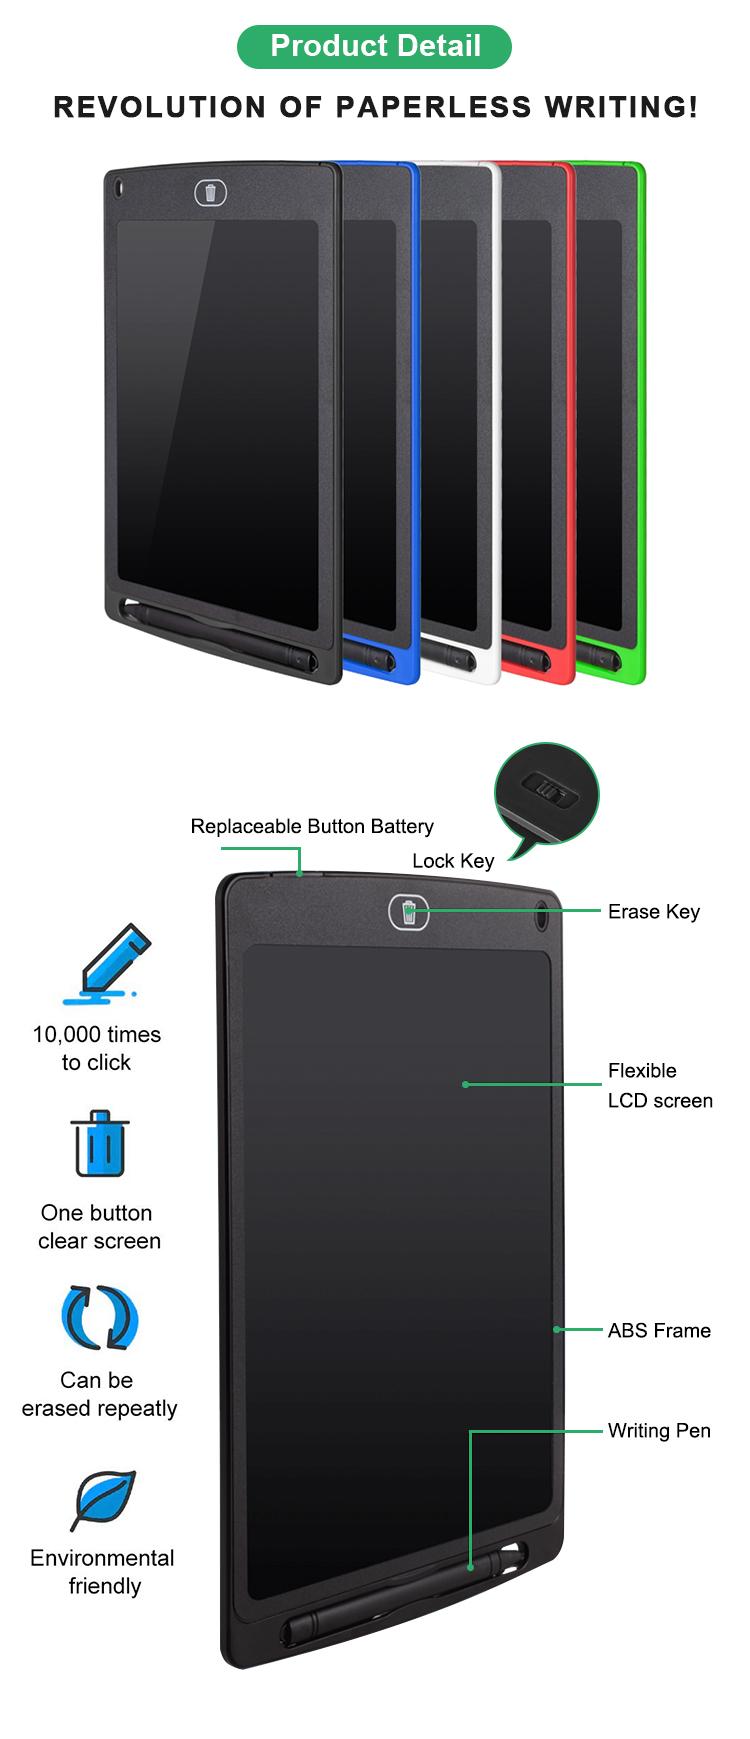 Newyes ขายส่งเขียนแท็บเล็ตคณะกรรมการจอแอลซีดี 8.5 นิ้วกระดานดำอิเล็กทรอนิกส์สำหรับเด็ก